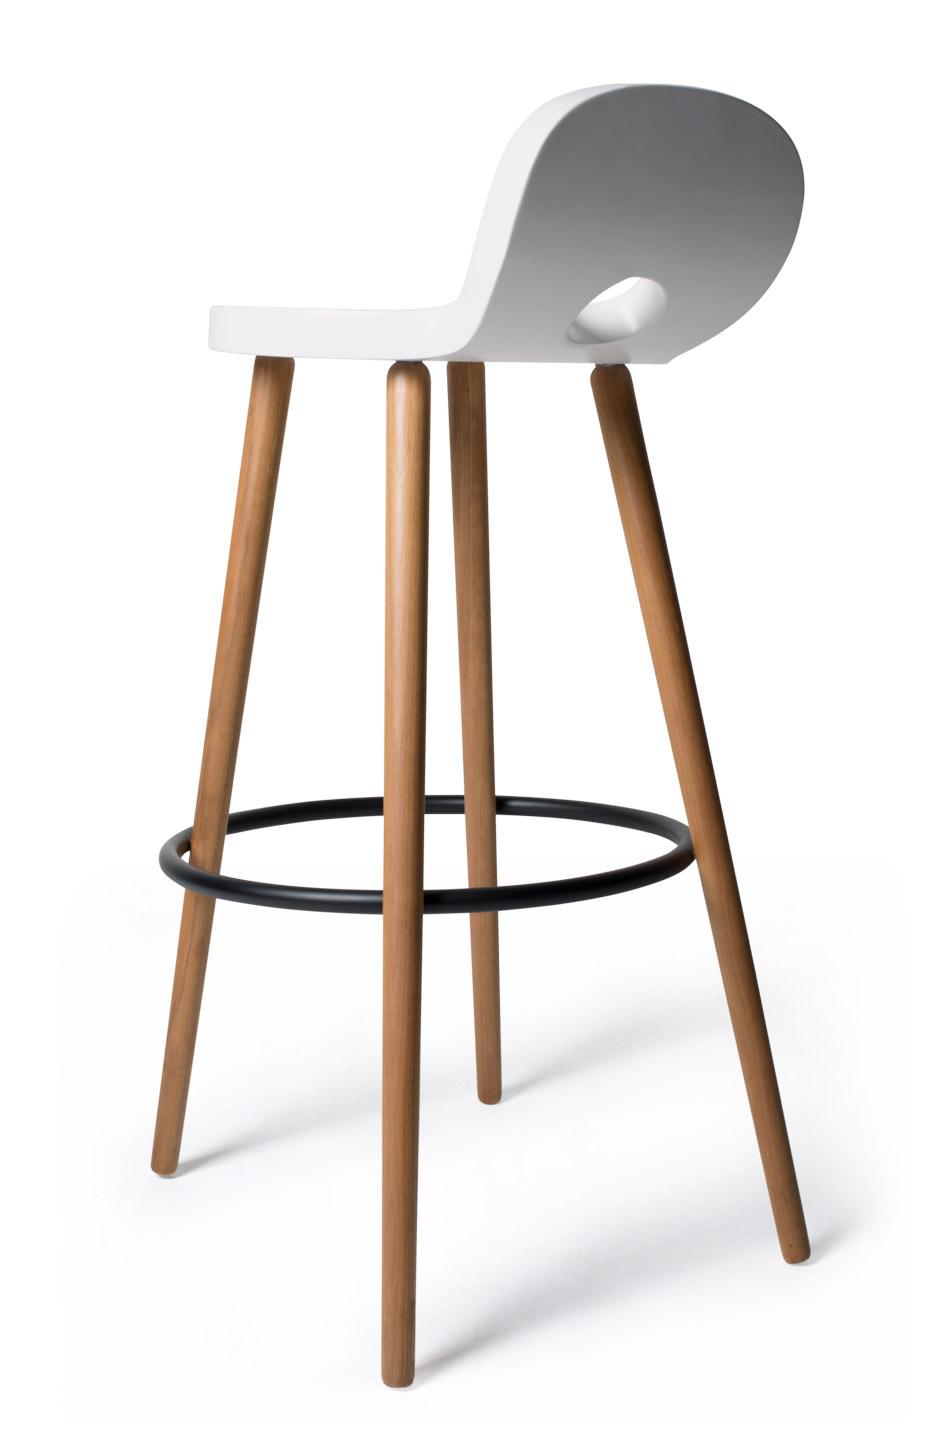 Furf-Design-Studio-The-Invisible Design-Project-6